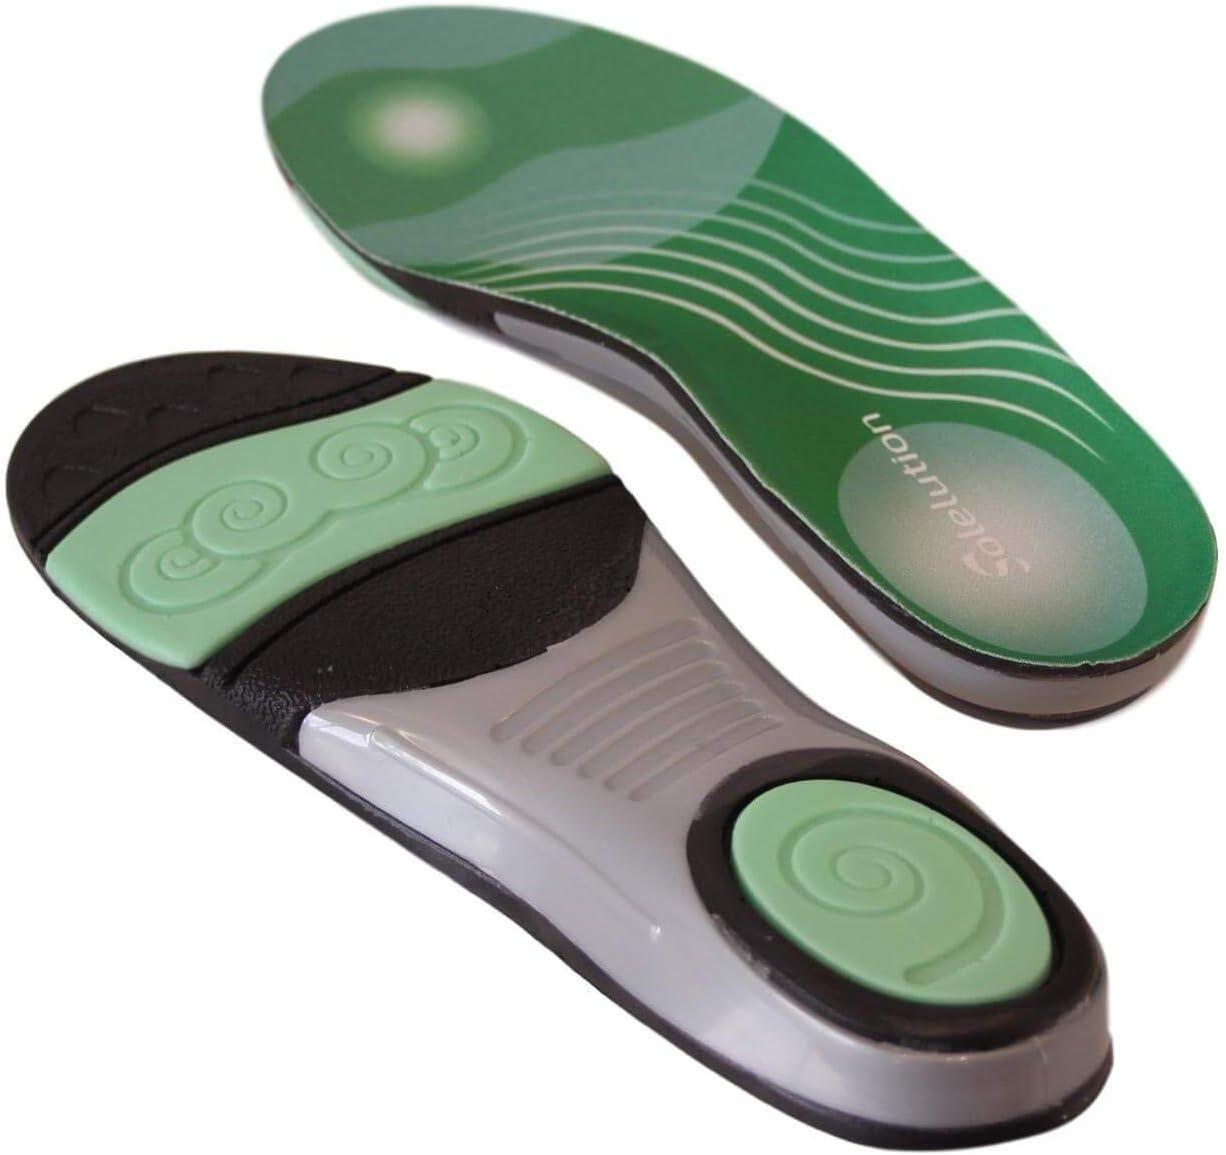 Solelution - Plantillas de fútbol para calzado de fútbol, soporte para arco, ortopédicos, plantillas para pies planos, insertos en el antepié, alivio del dolor de pies para ayudar a los deportes